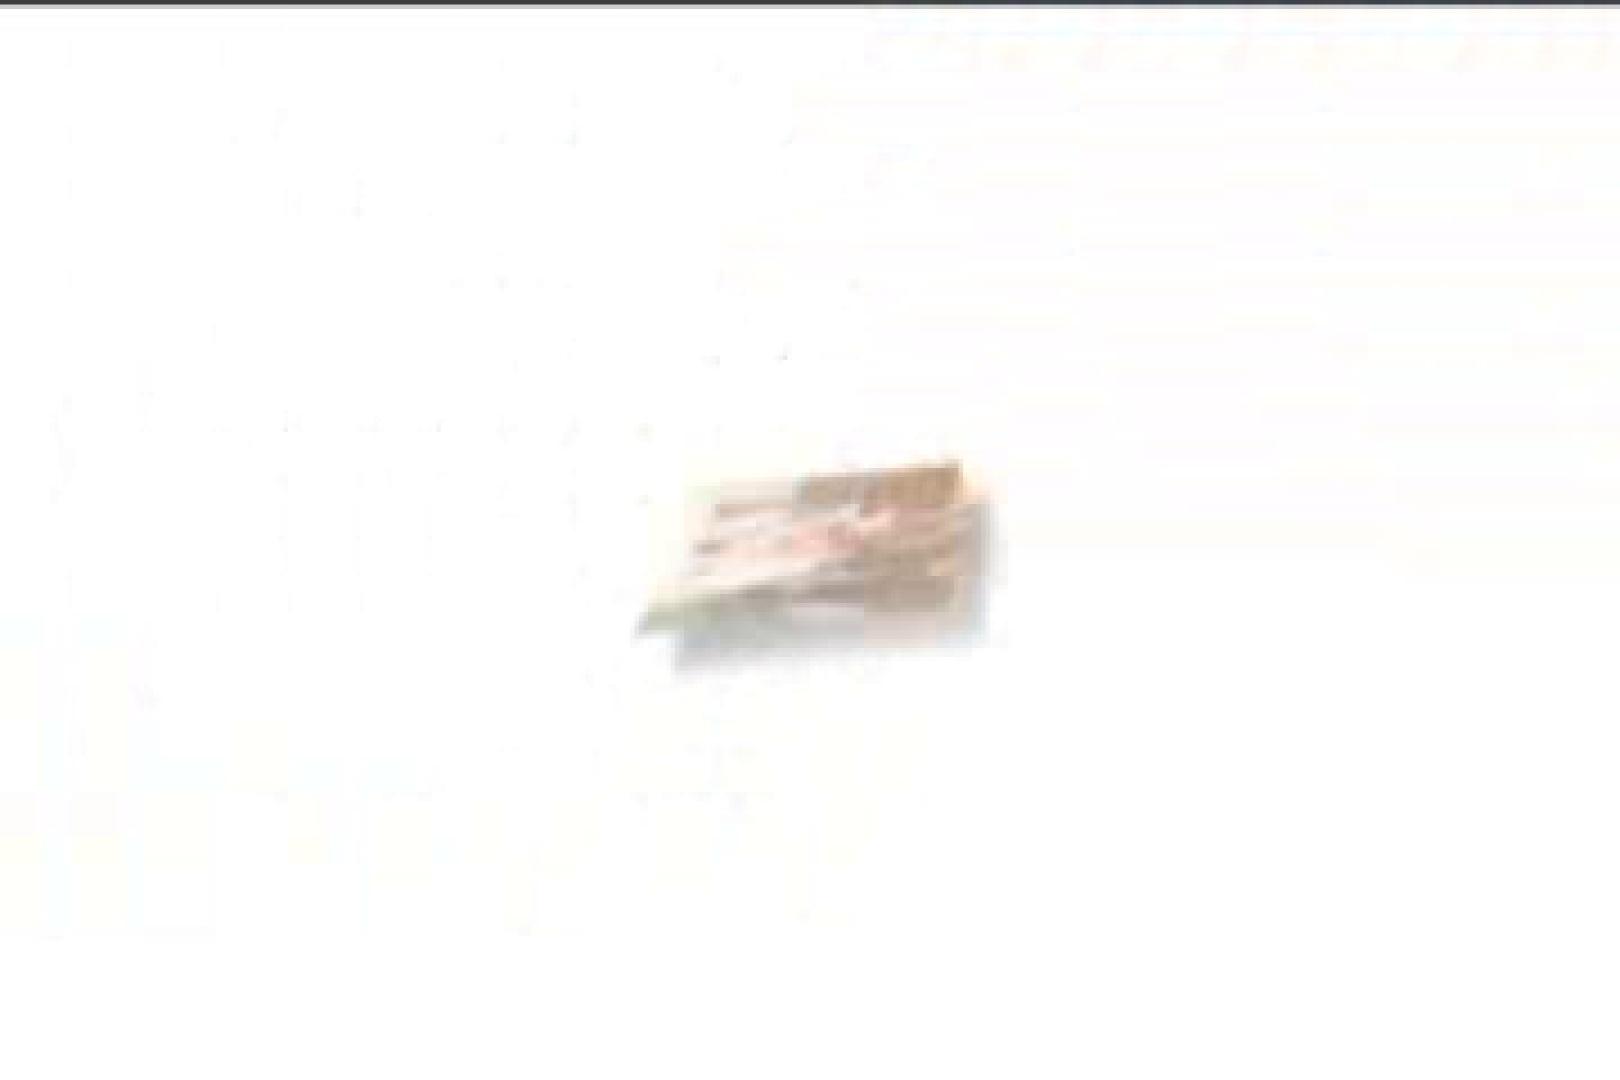 イケメン☆パラダイス〜男ざかりの君たちへ〜vol.43 フェラシーン ゲイアダルトビデオ紹介 74画像 43